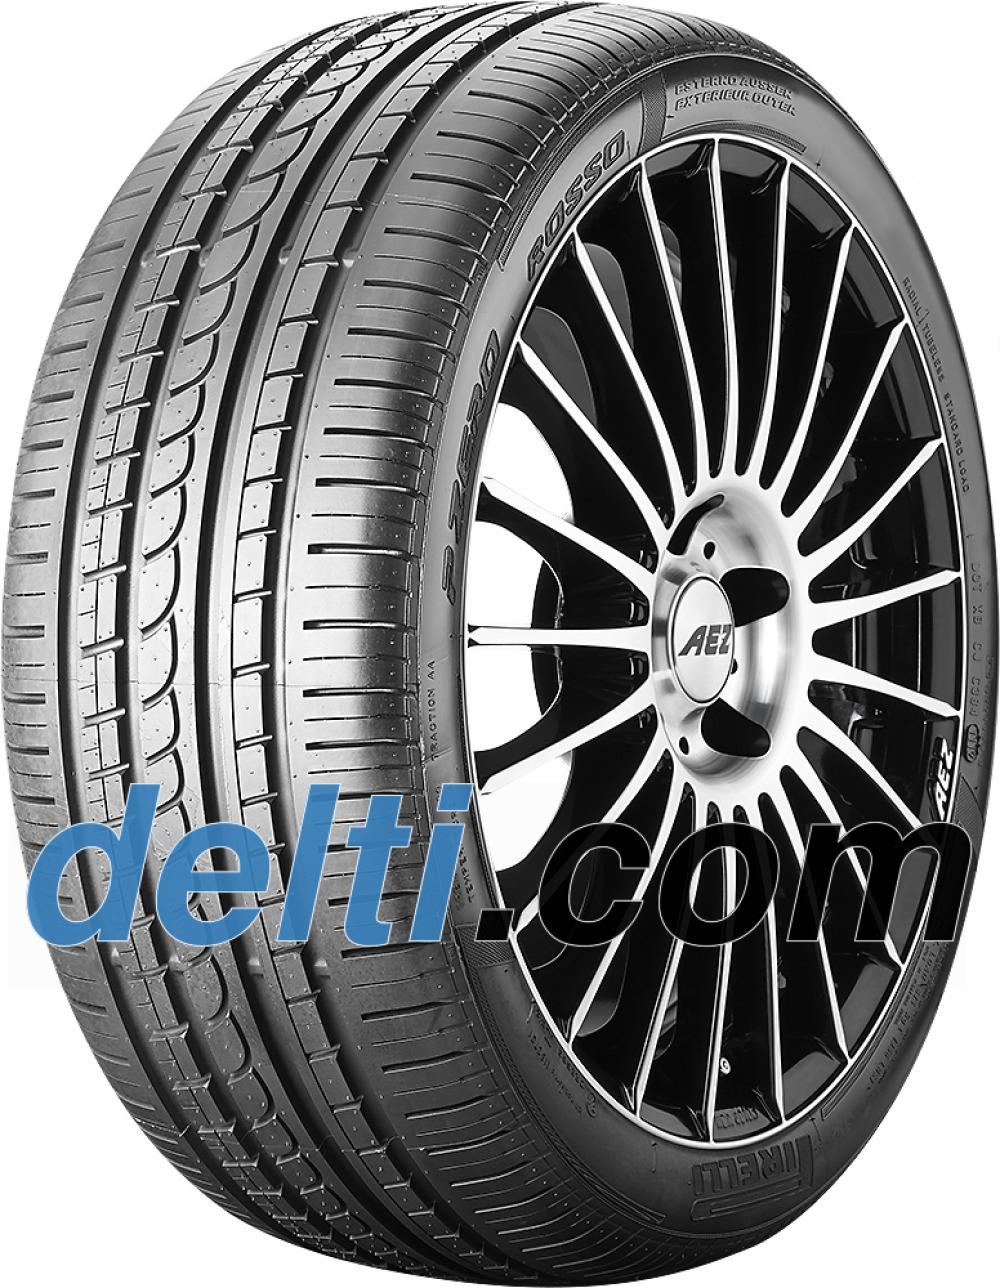 Pirelli P Zero Rosso Asimmetrico ( 285/45 R19 107W MO, com protecção da jante (MFS) )